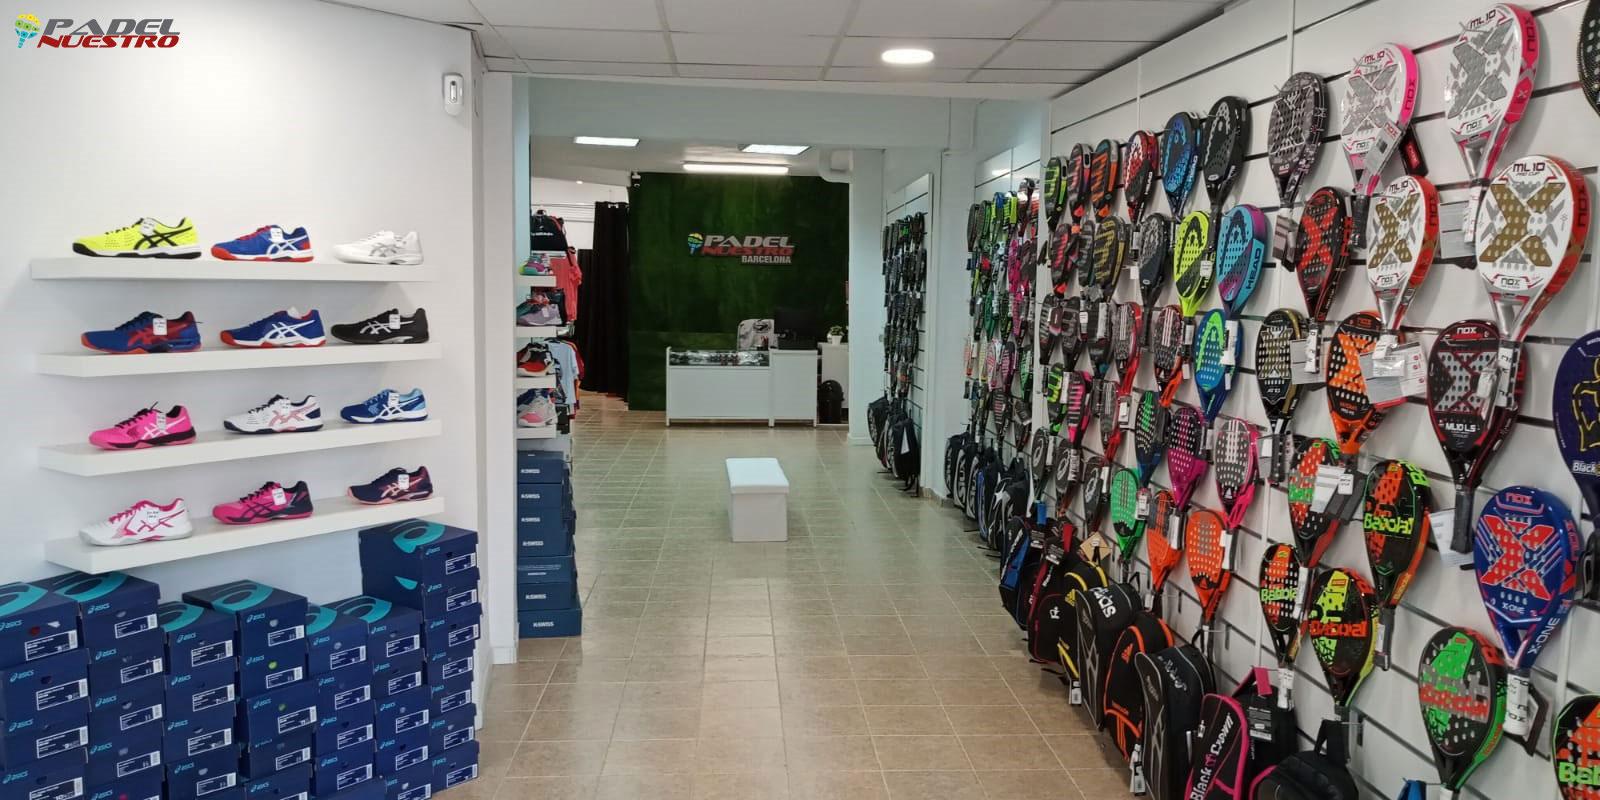 Padel Nuestro abre su sexta tienda en Catalunya